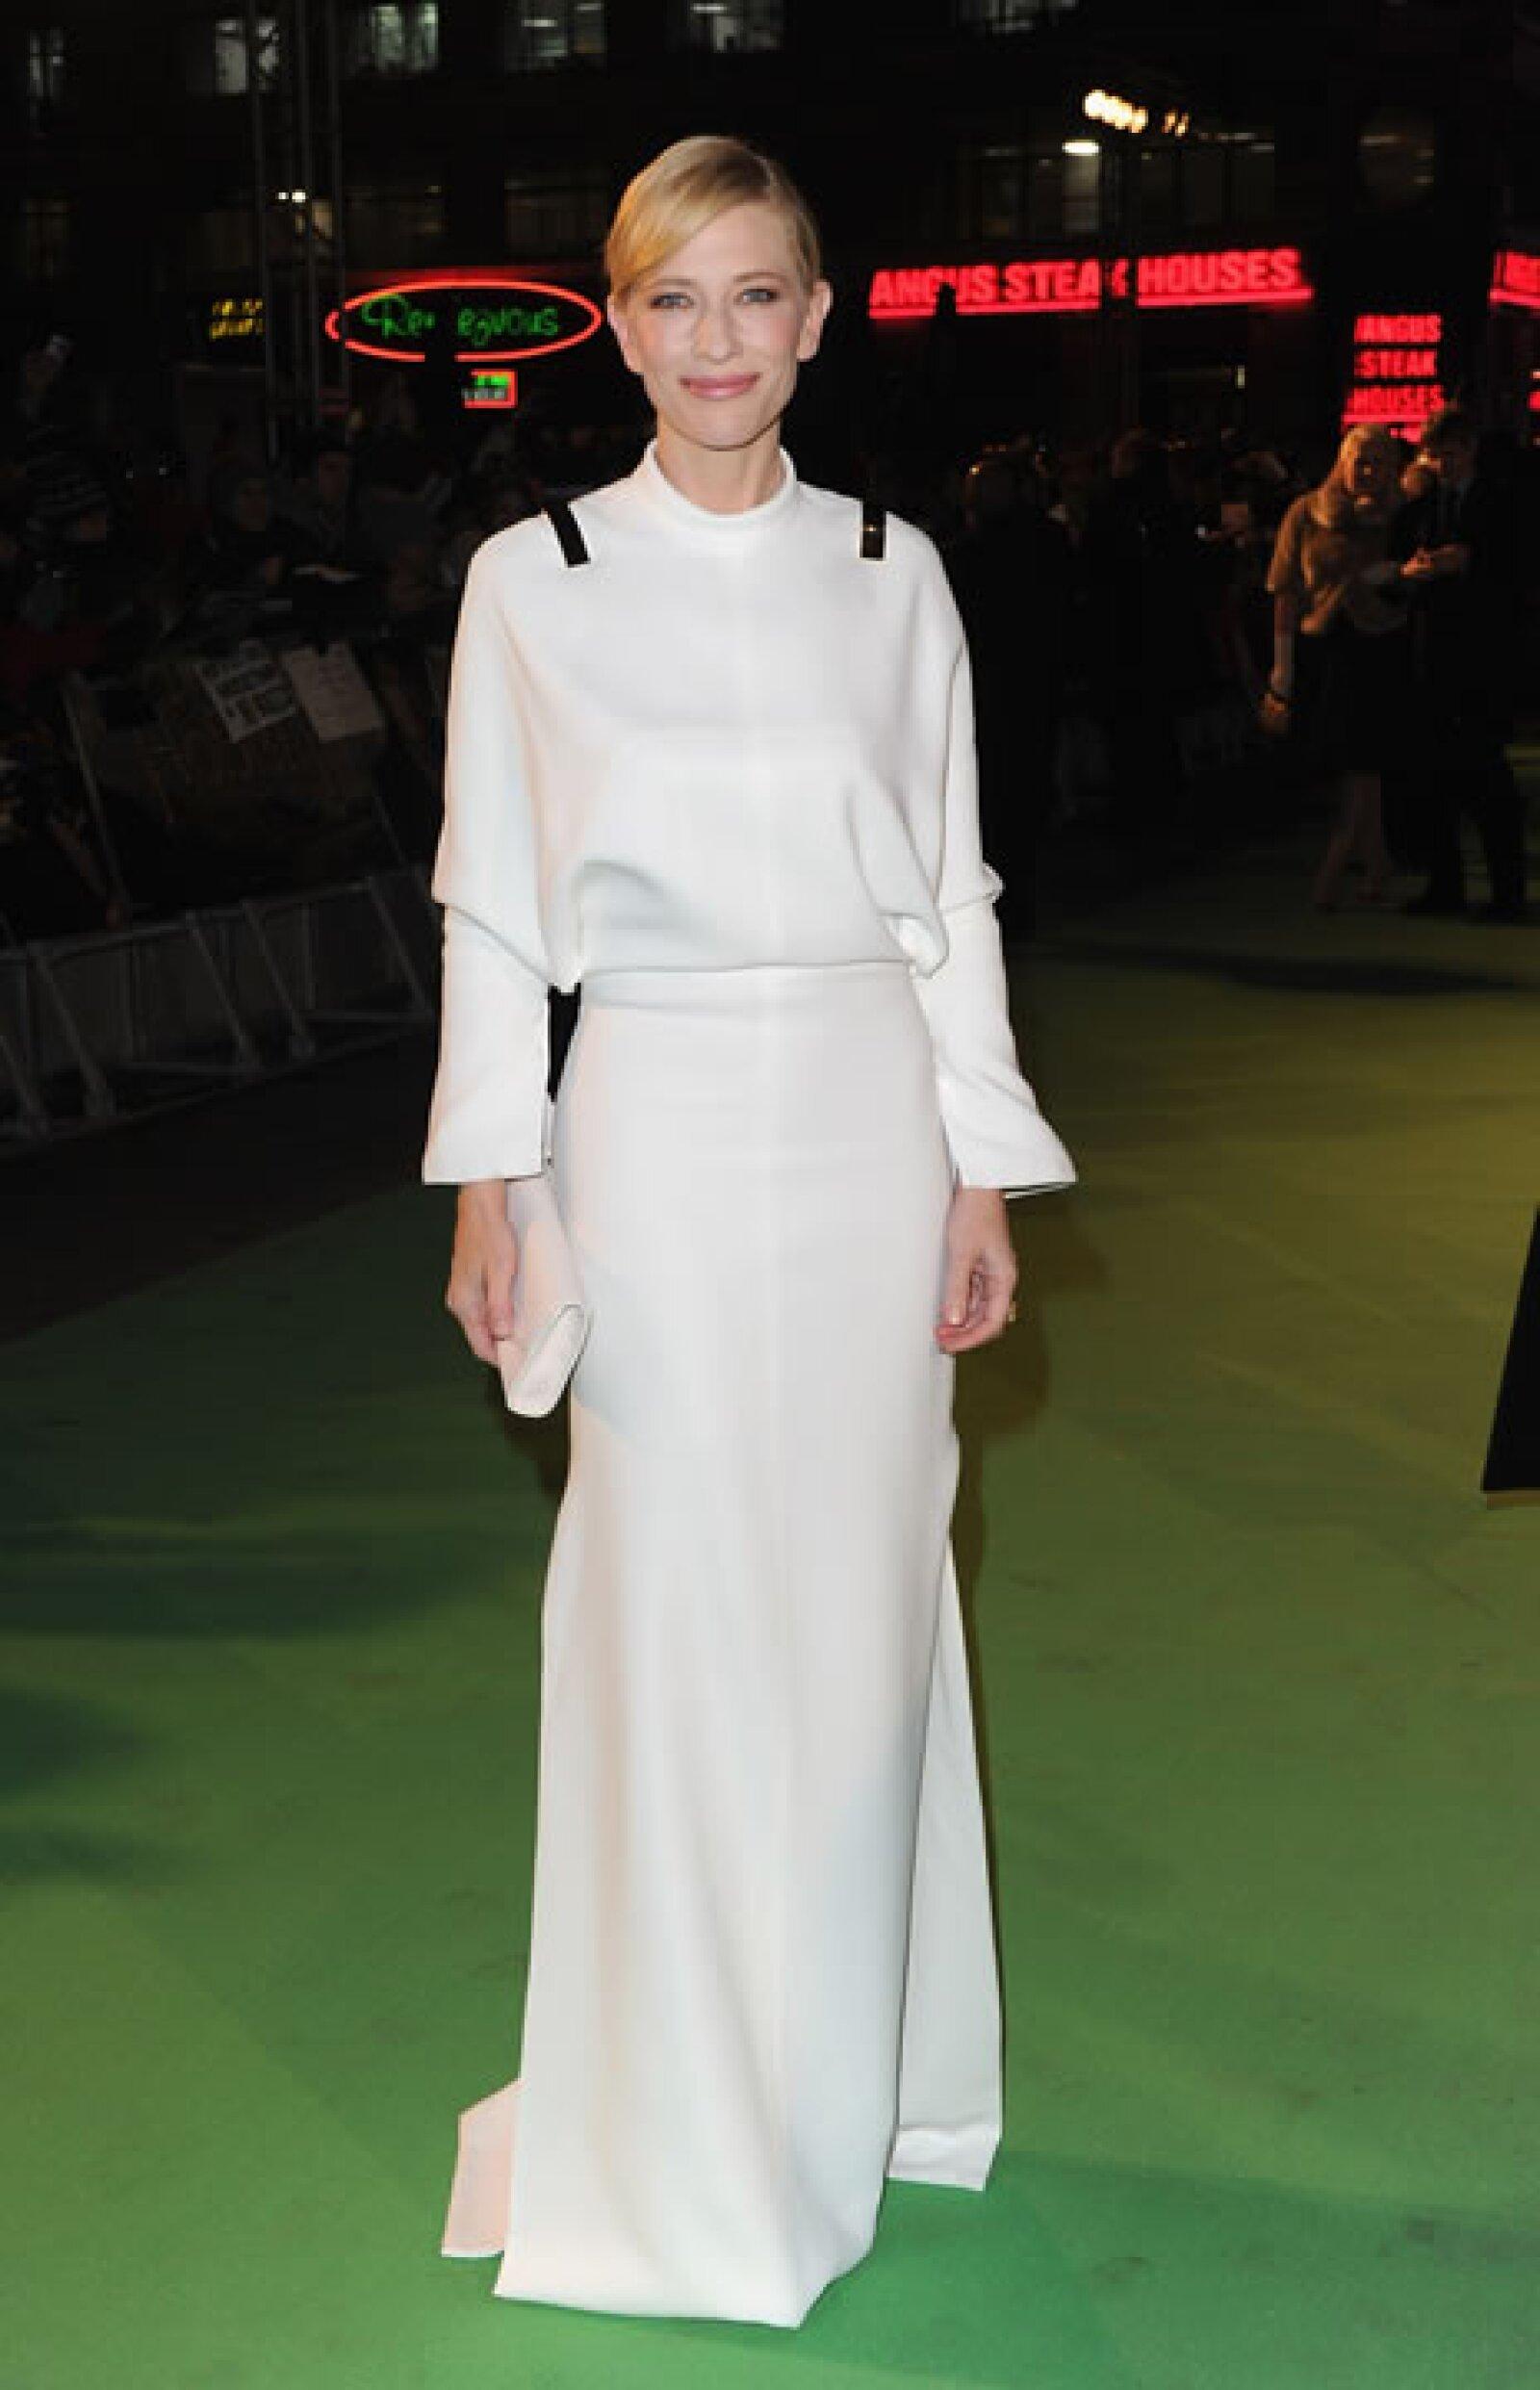 Cate Blanchett- `Este vestido es como Elton John desnudo. Pliegues pálidos al frente y un agujero enorme atrás´.